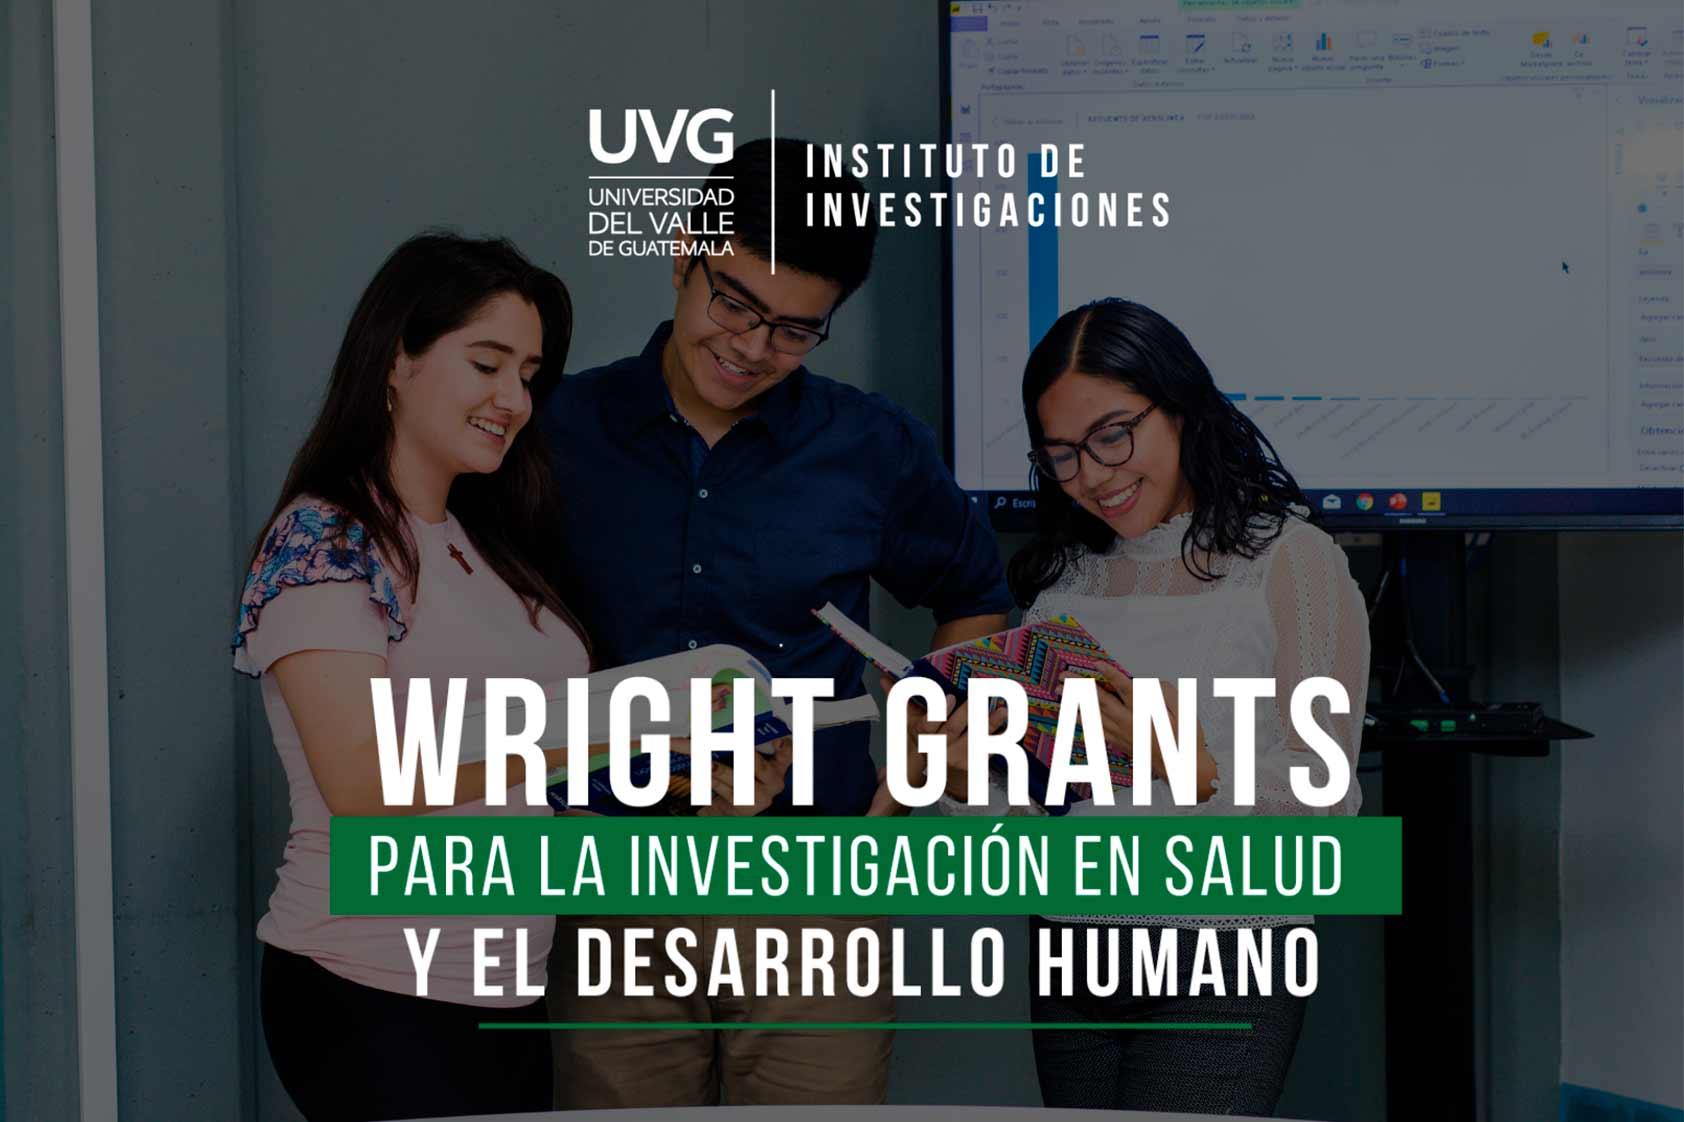 Wright Grants, jóvenes investigadores se interesan en la salud y desarrollo